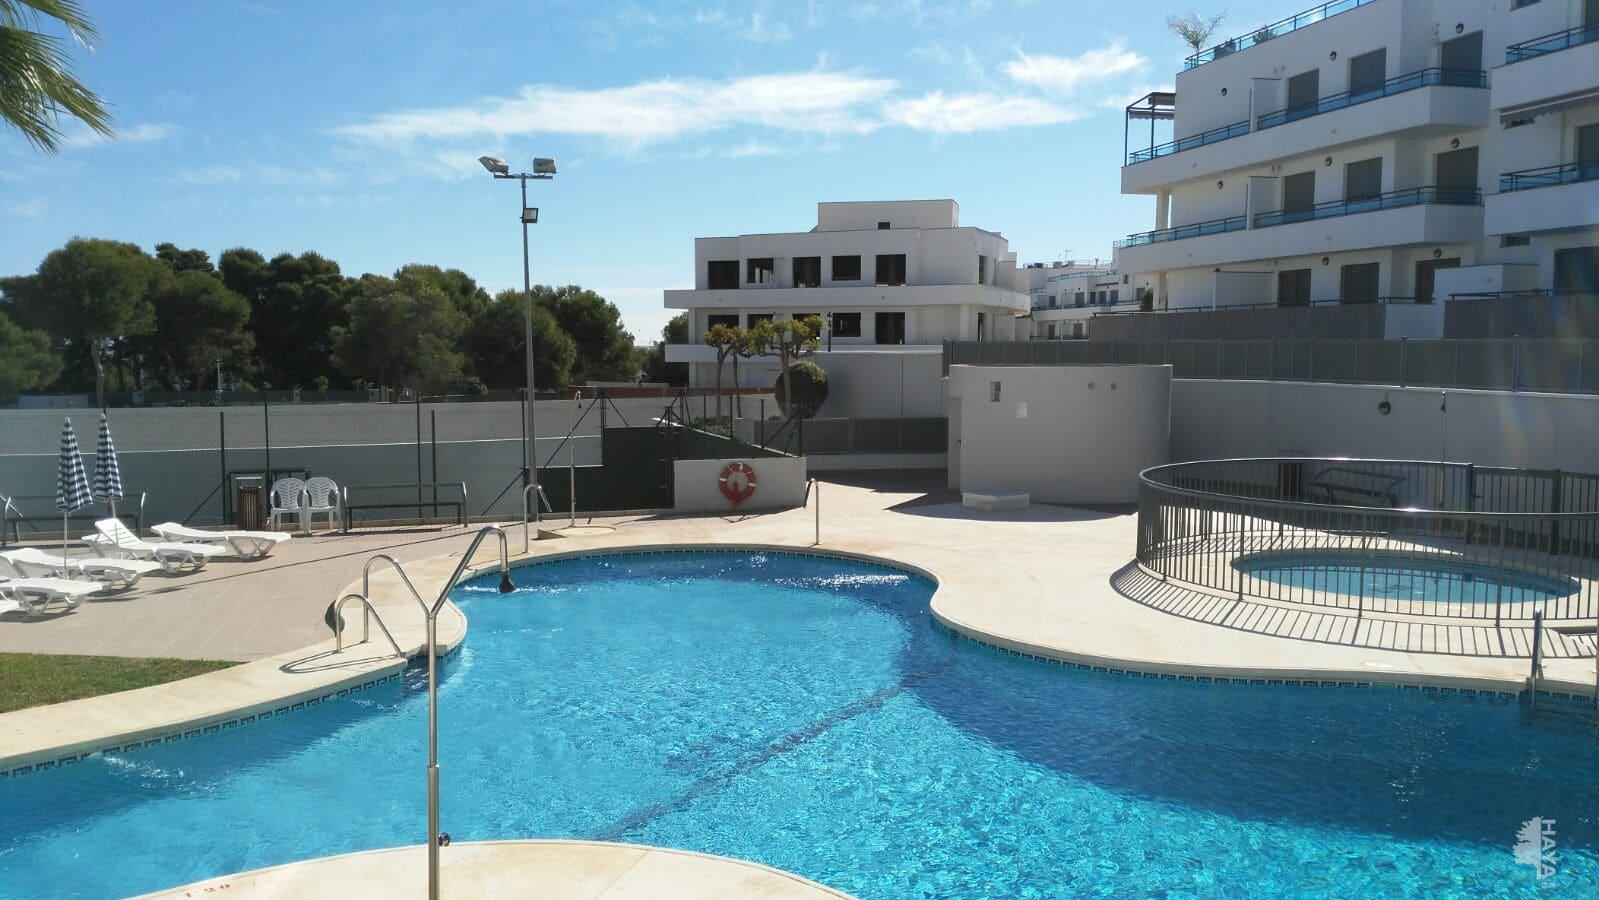 Piso en venta en Garrucha, Almería, Calle Murillo (pinar de Garrucha), B, 93.200 €, 2 habitaciones, 2 baños, 78 m2